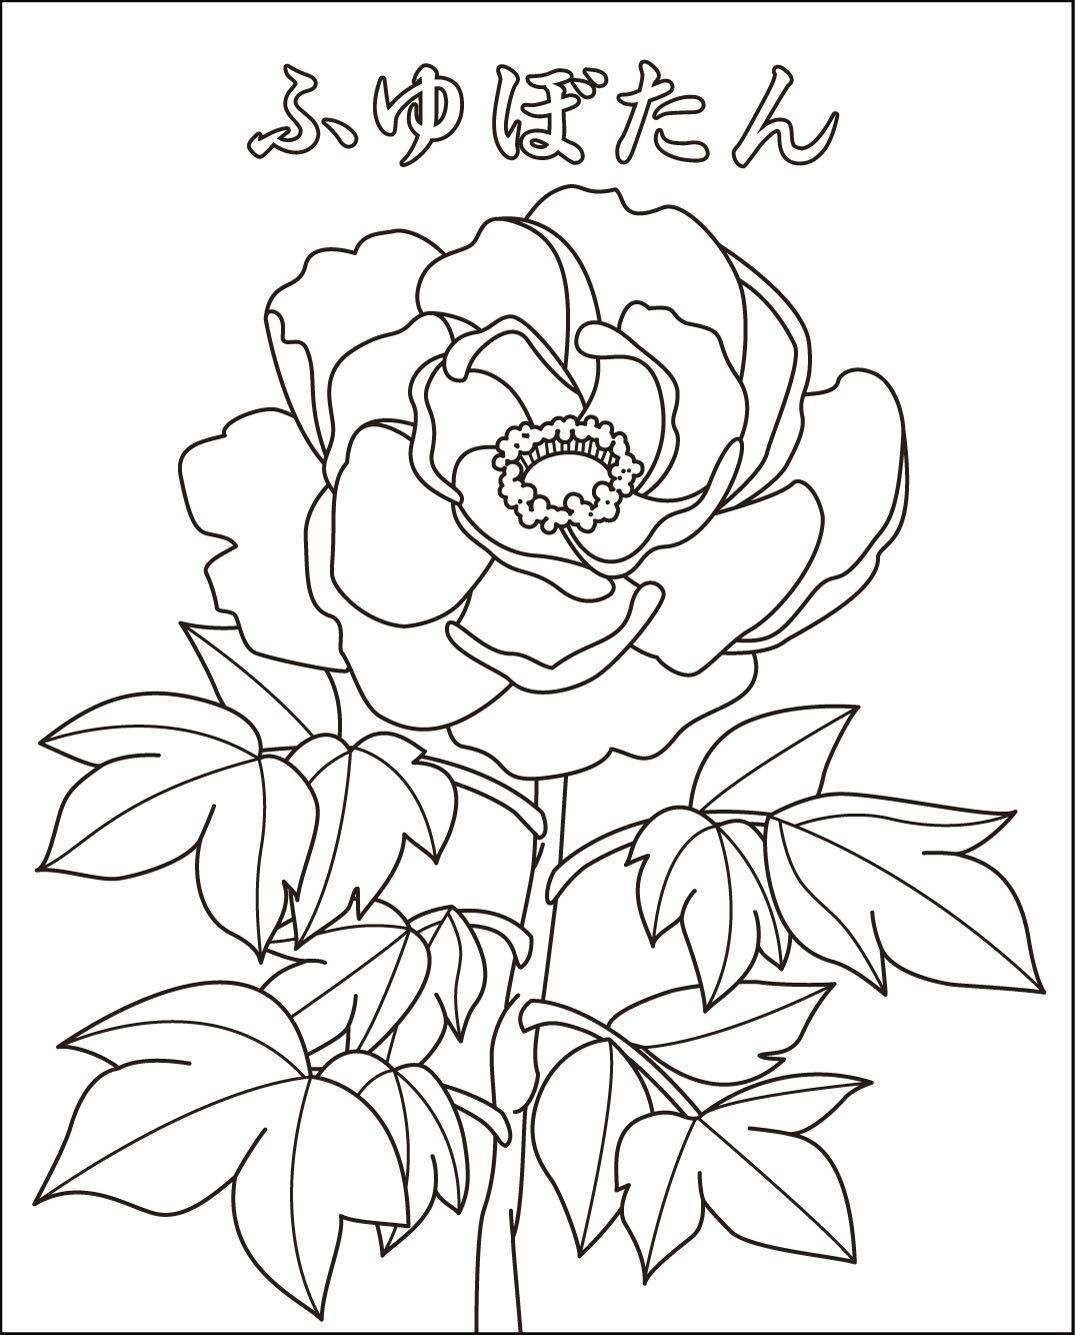 無料の印刷用ぬりえページ ベスト 塗り絵 無料 花 塗り絵 無料 塗り絵 無料 花 塗り絵